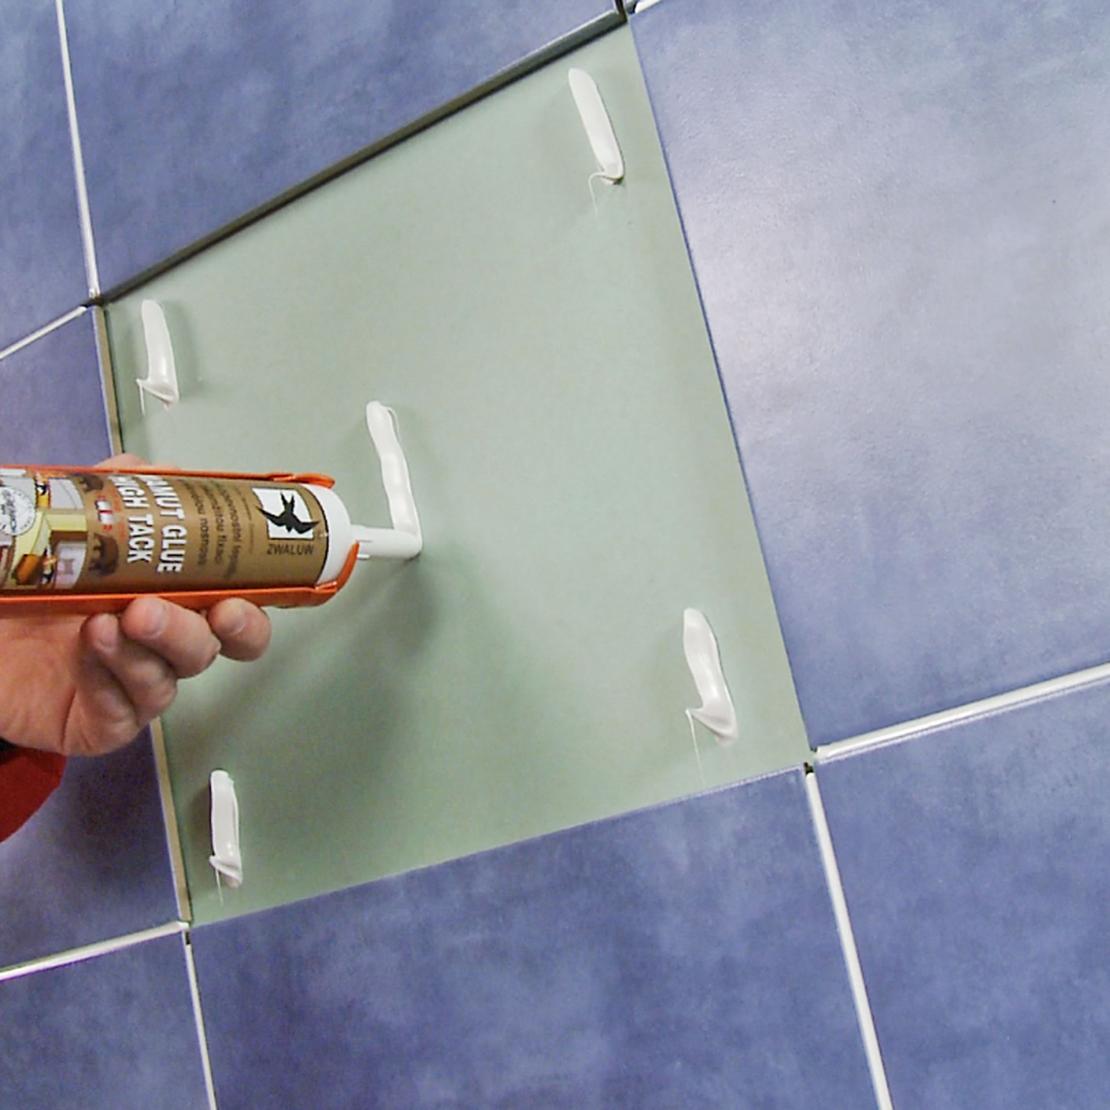 Bostik DIY Greece Grab Adhesives Mamut Glue High Tack Generic-5